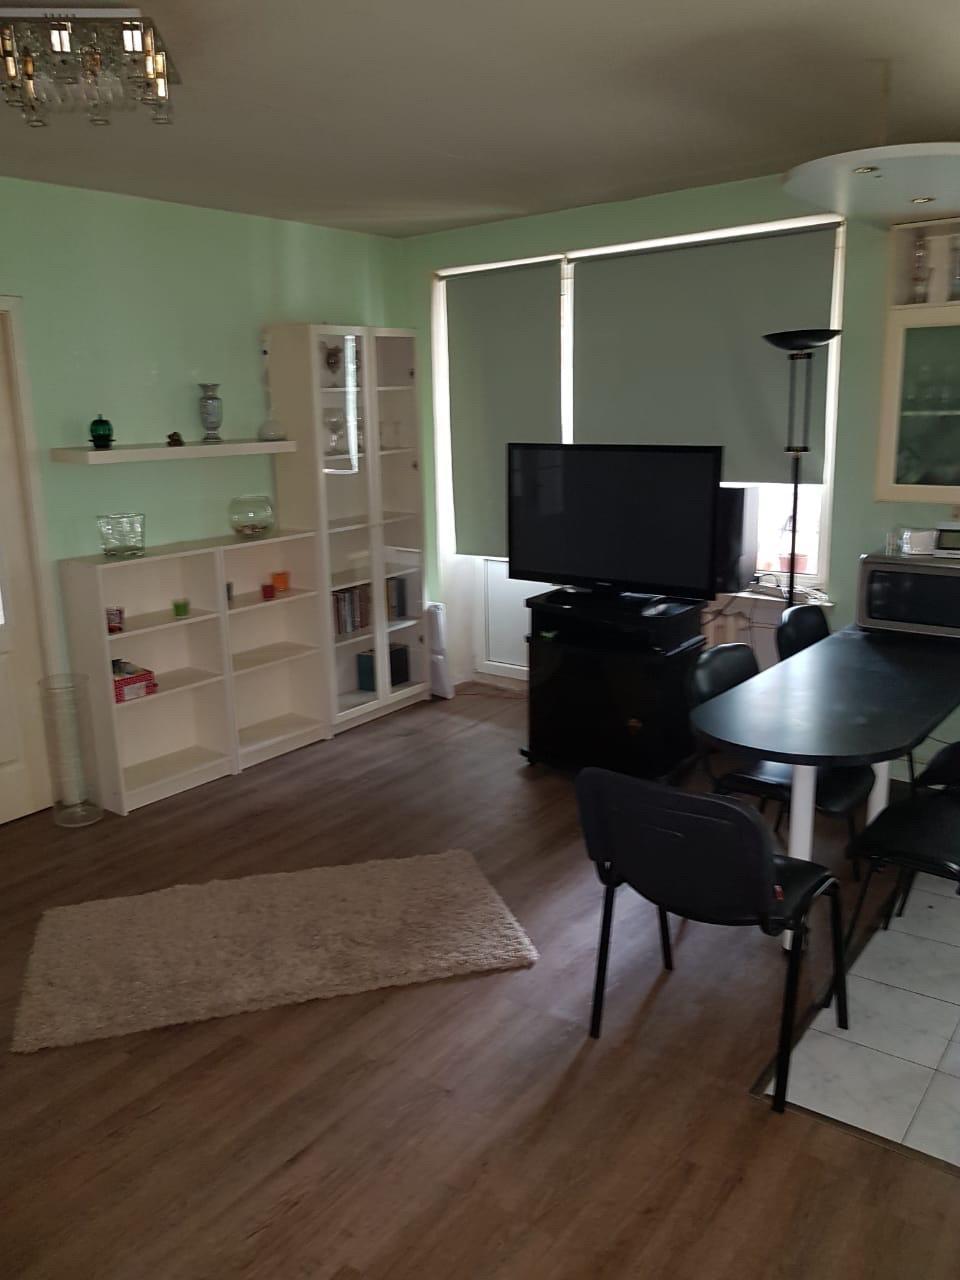 Квартира, 2 комнаты, 45 м² в Москве 89031007769 купить 9